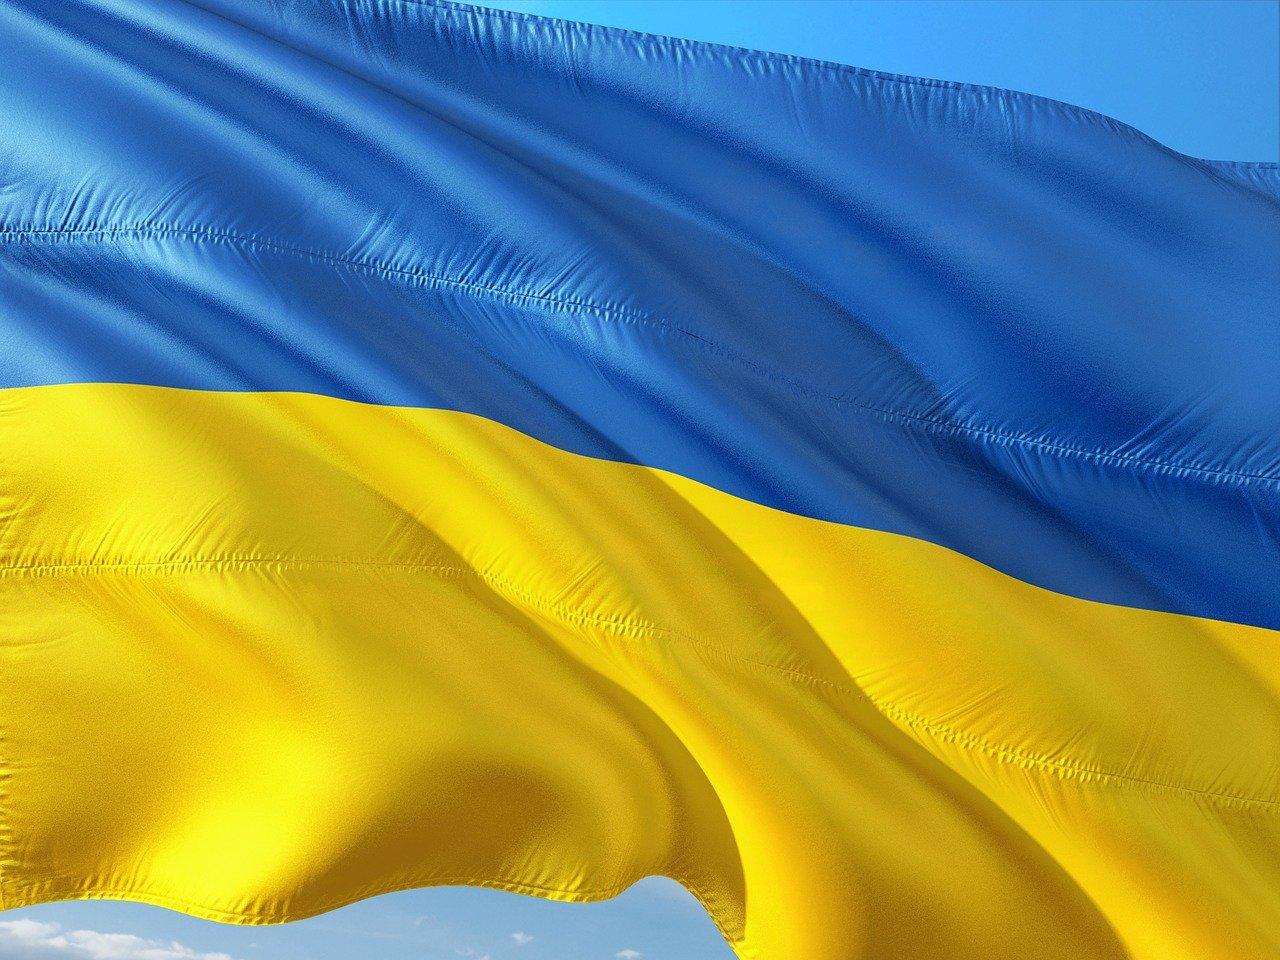 Подробные данные о лучших онлайн-казино Украины, играх на гривны, ситуацией с лицензией для онлайн-казино в Украине